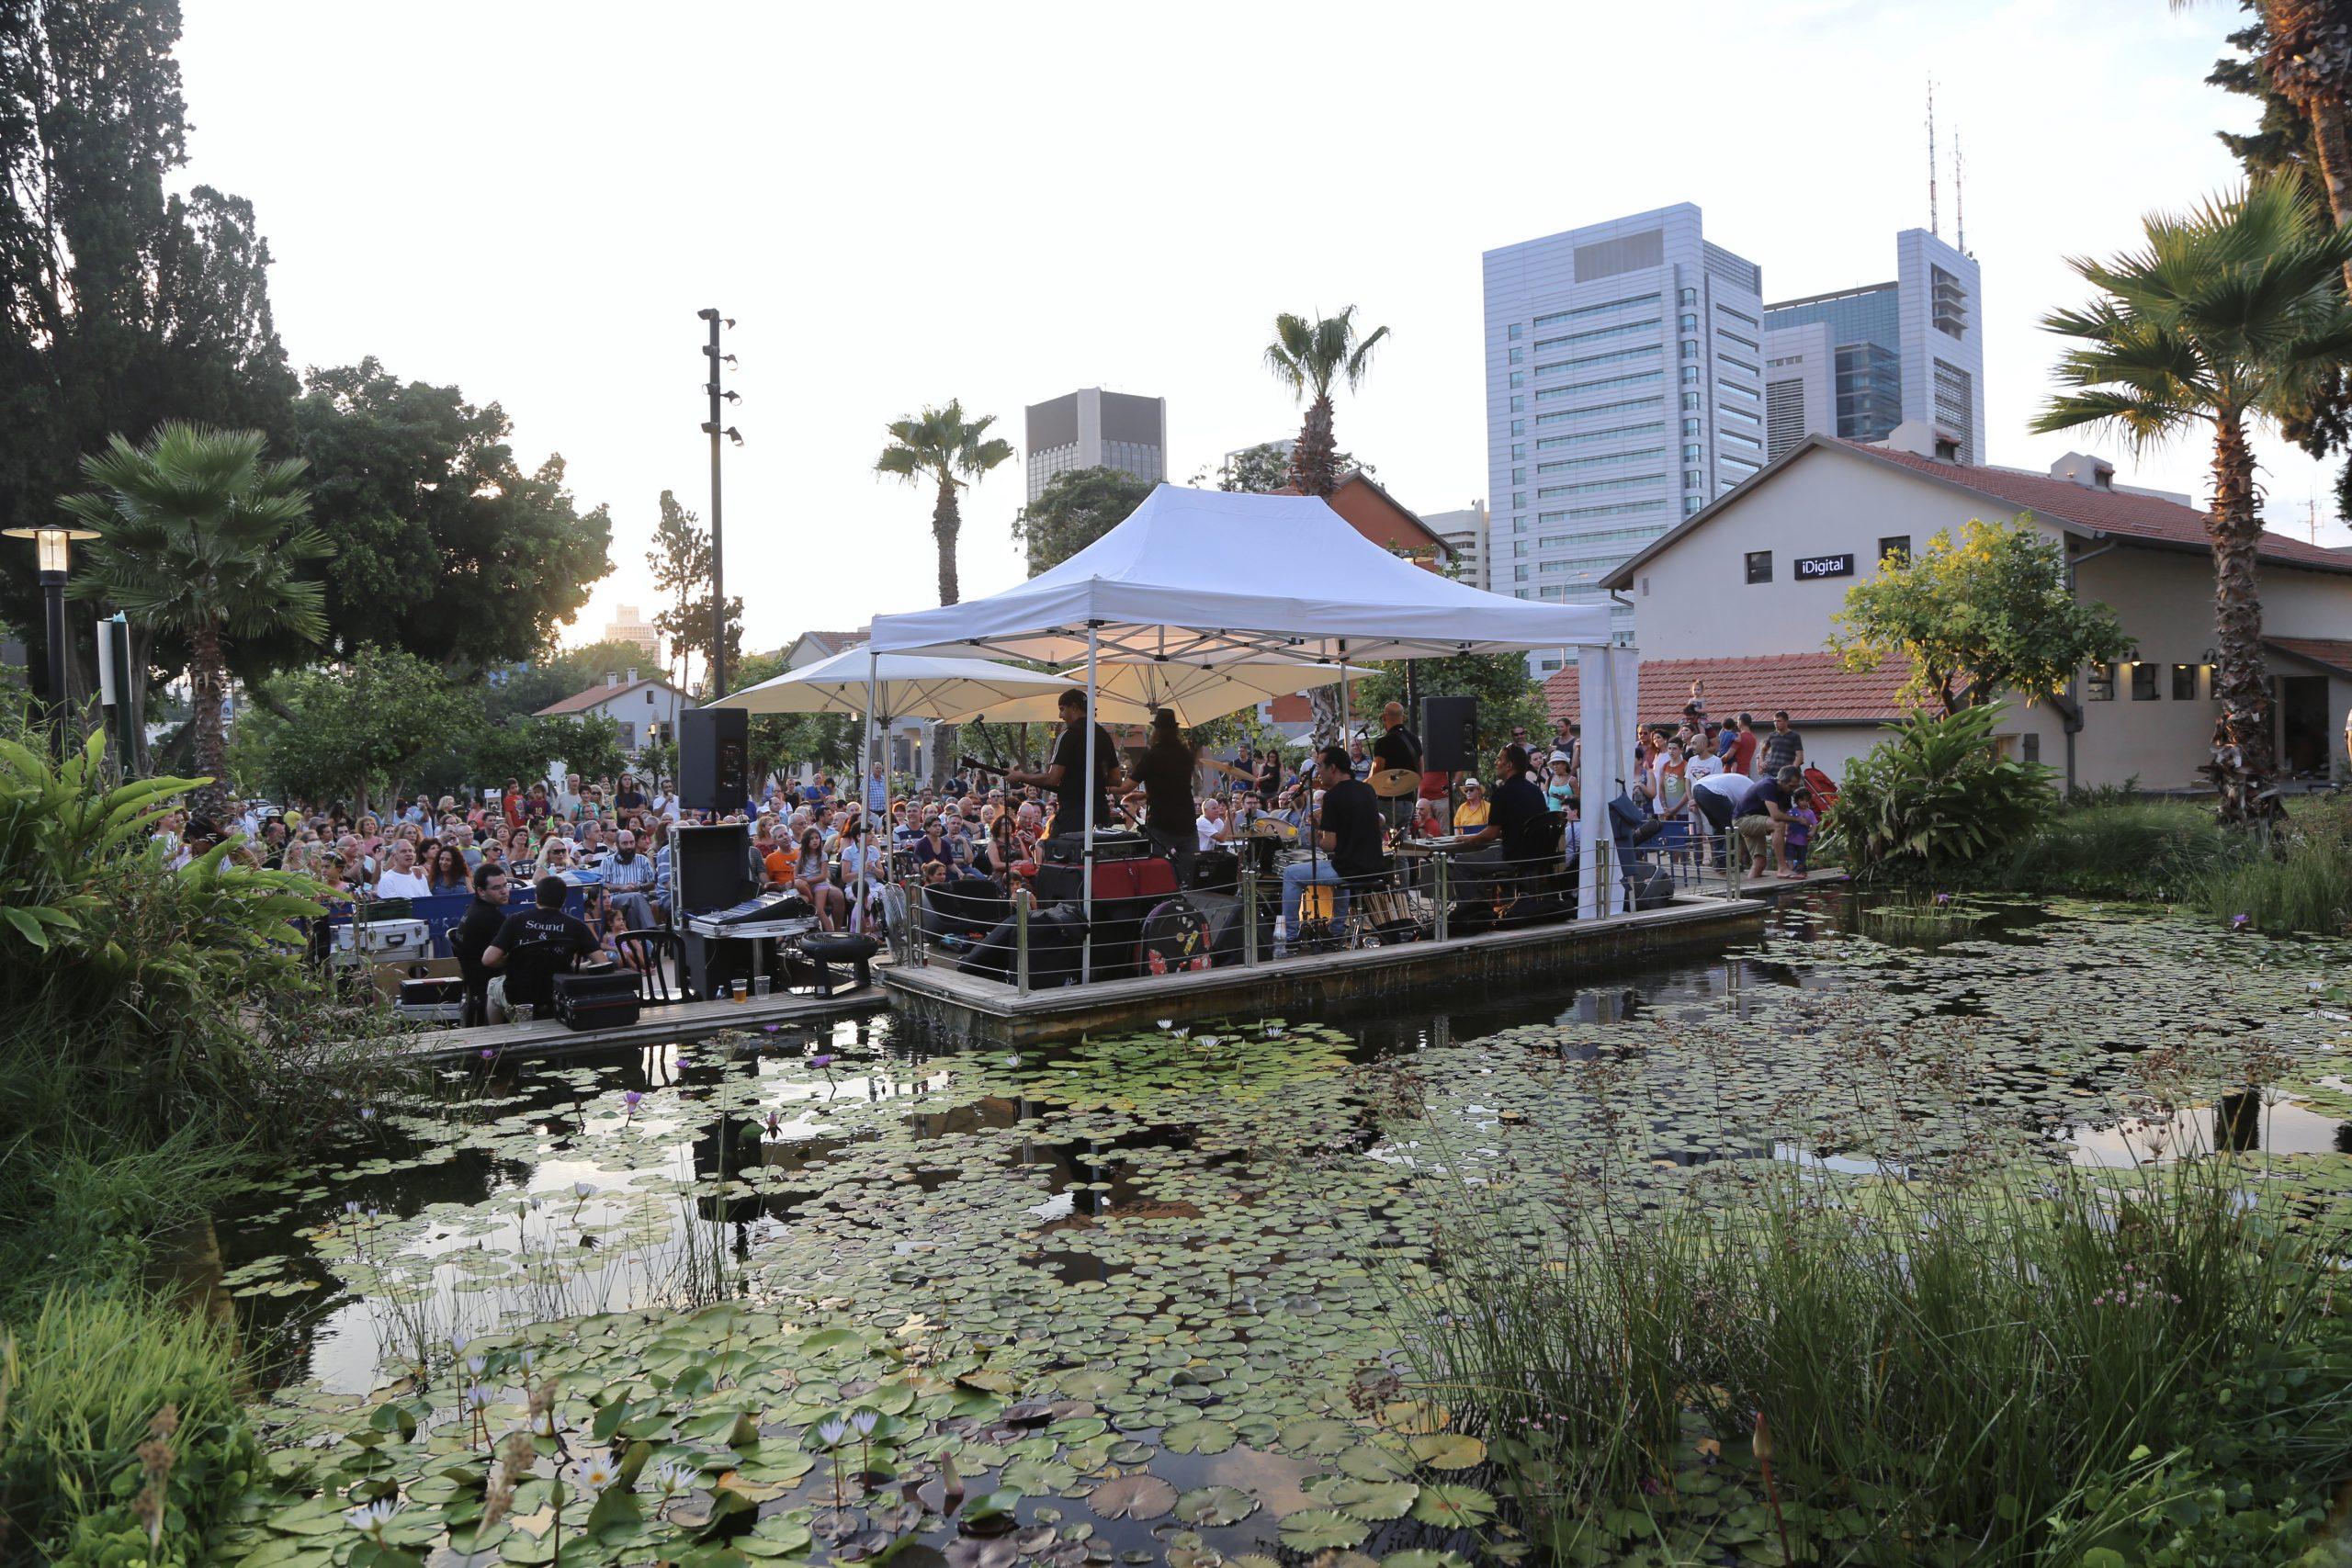 Summer Concert in Sarona, Tel Aviv